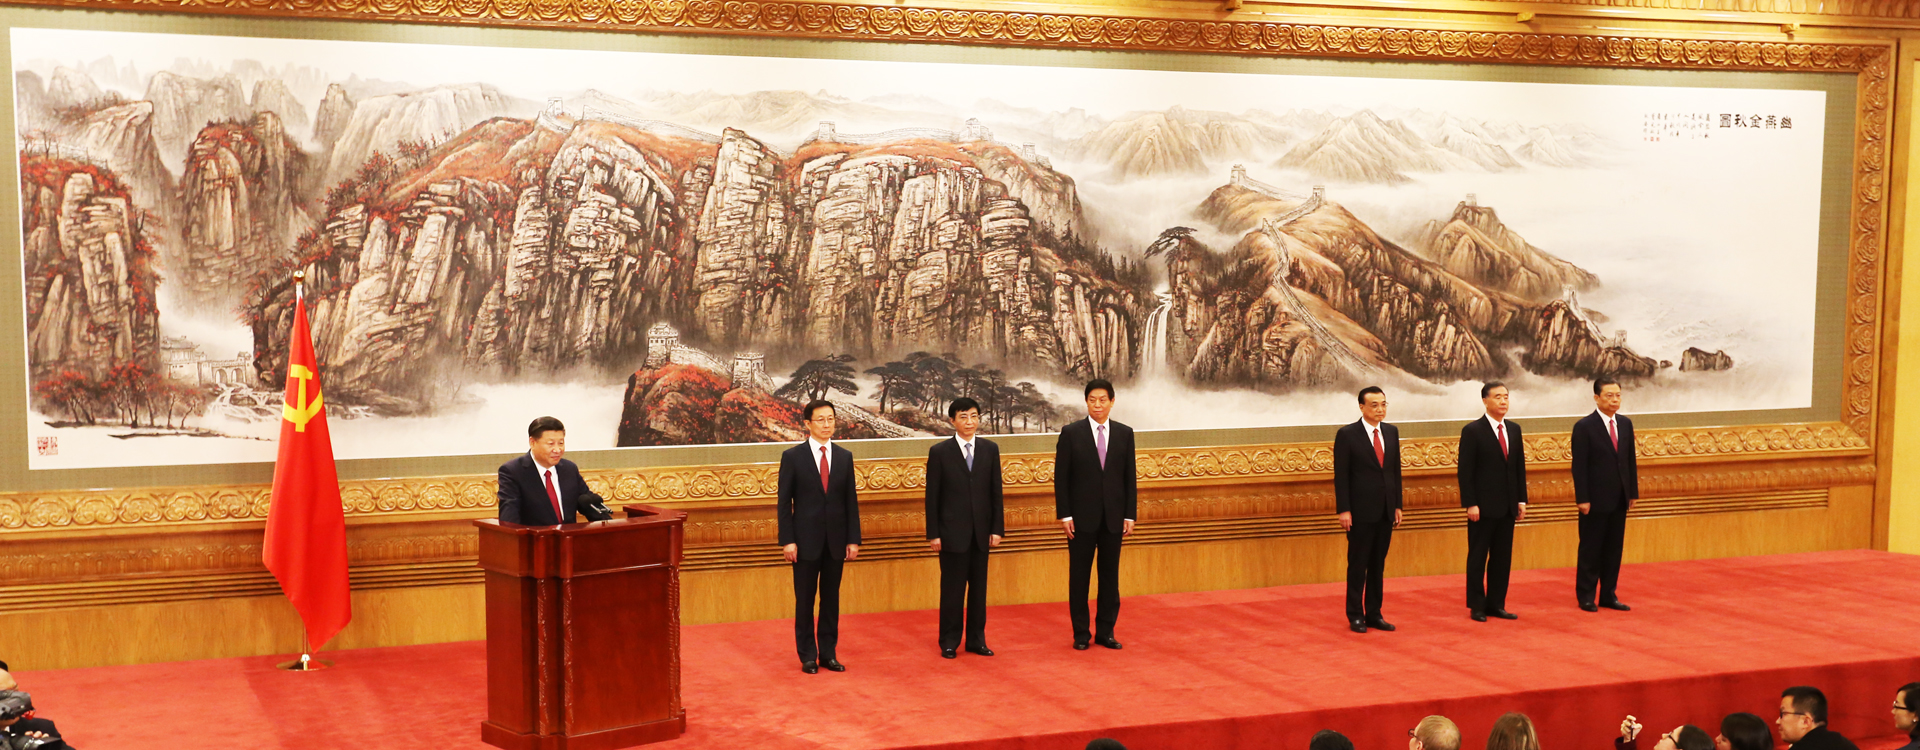 习近平在中央政治局常委同中外记者见面时的讲话